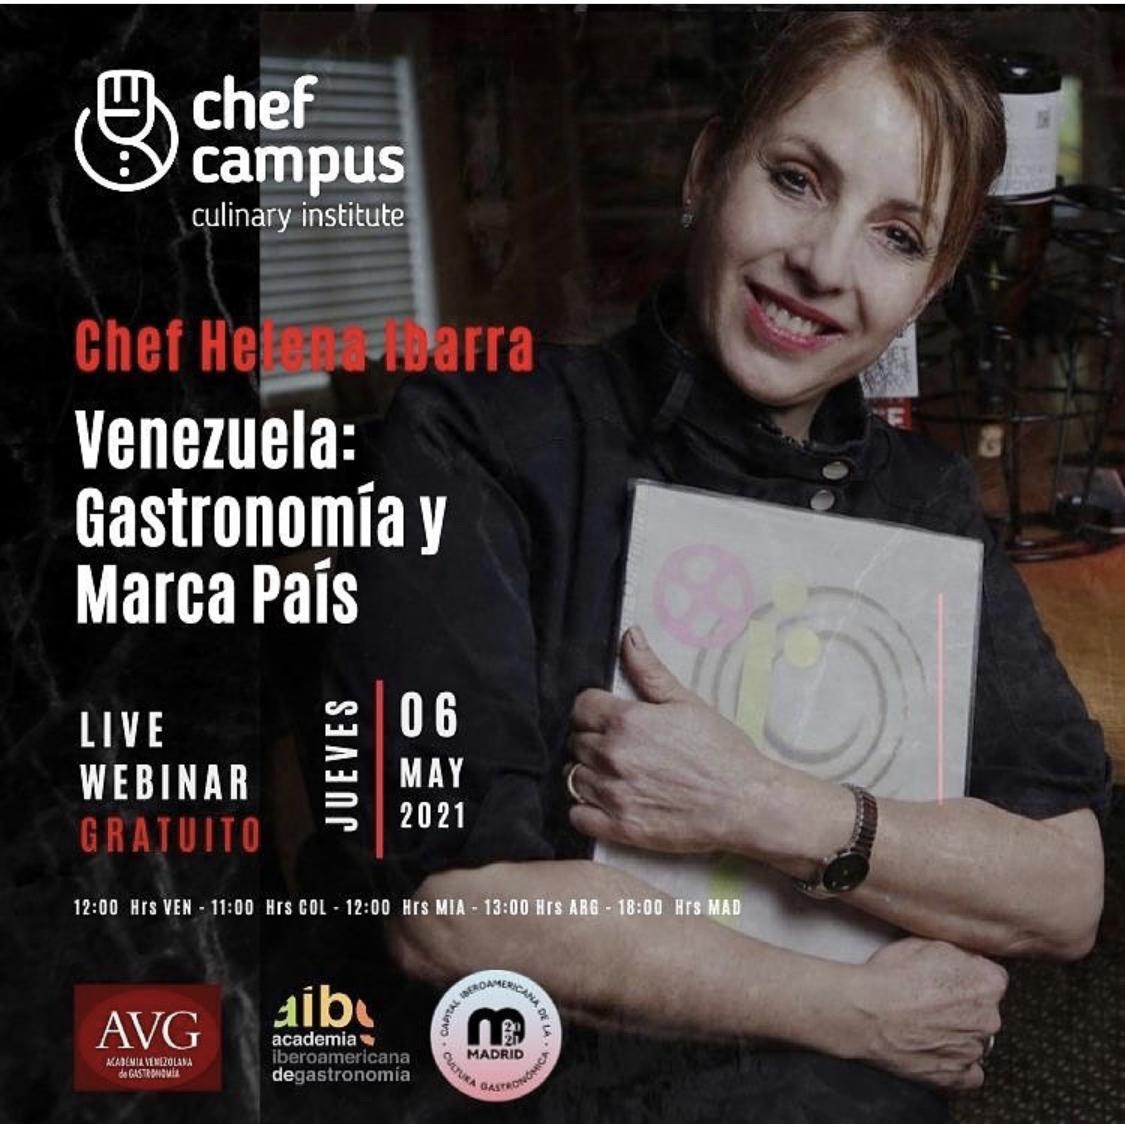 Venezuela: Gastronomía y Marca País